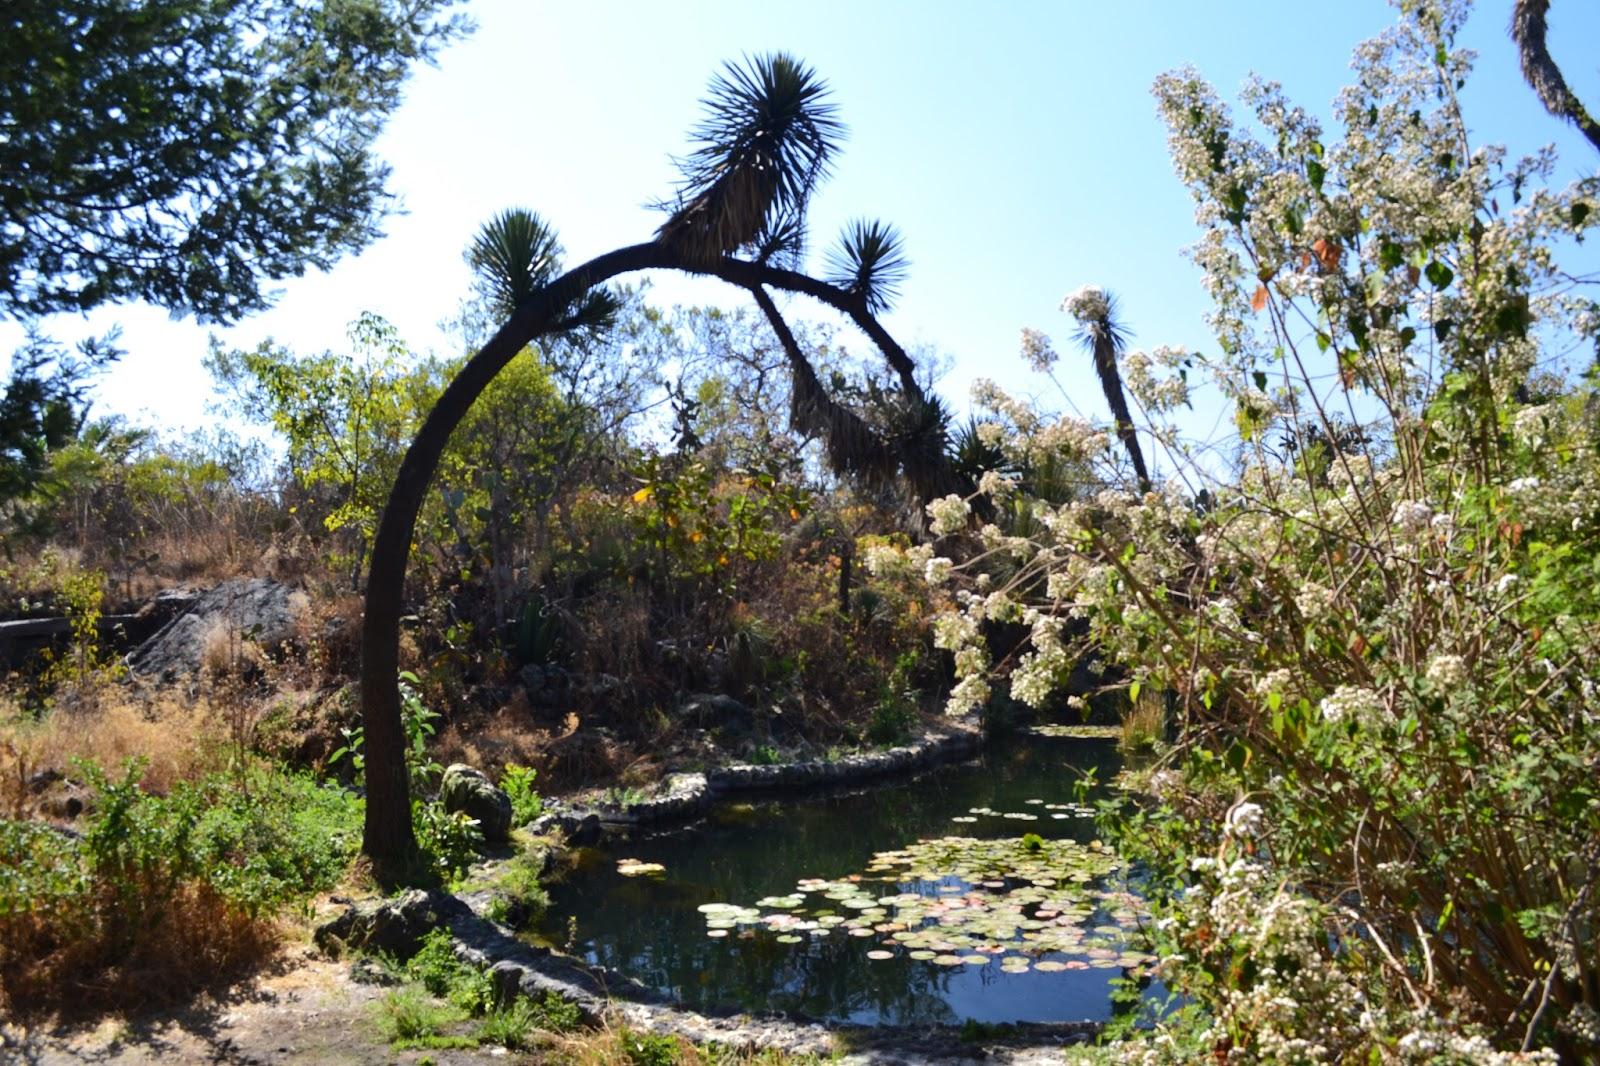 Actividades gratuitas que puedes hacer en la unam Jardin botanico de la unam